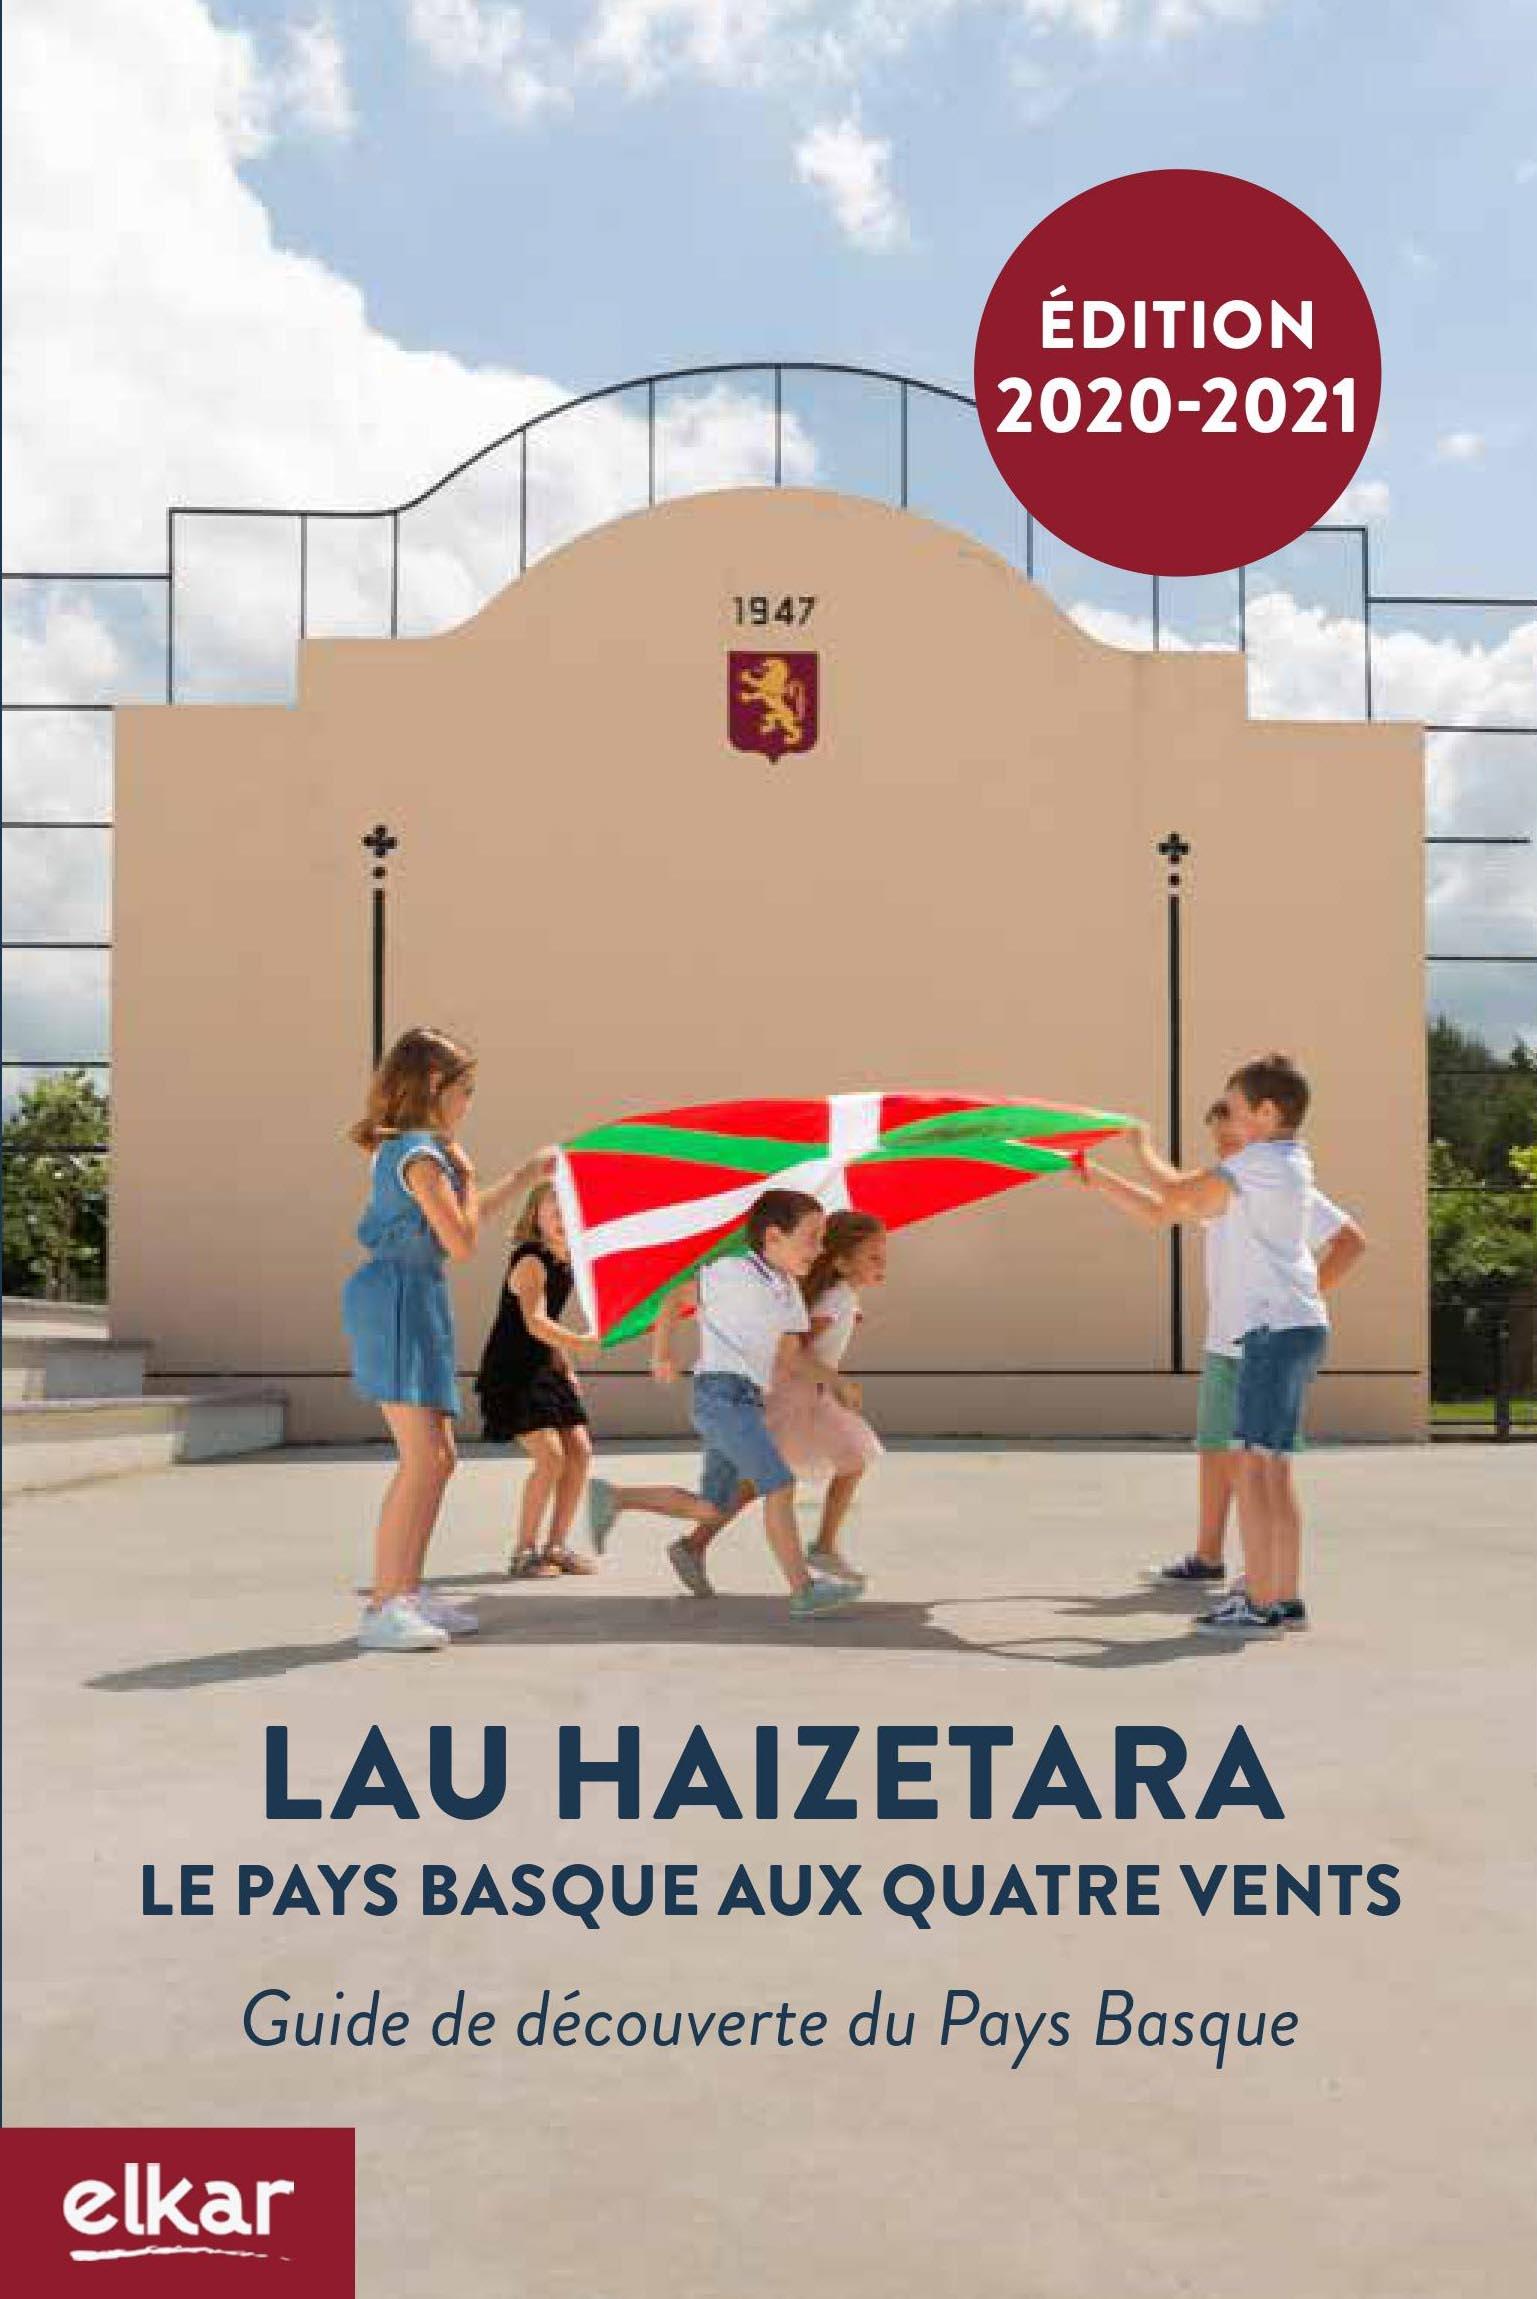 Livre Le Pays Basque aux 4 vents